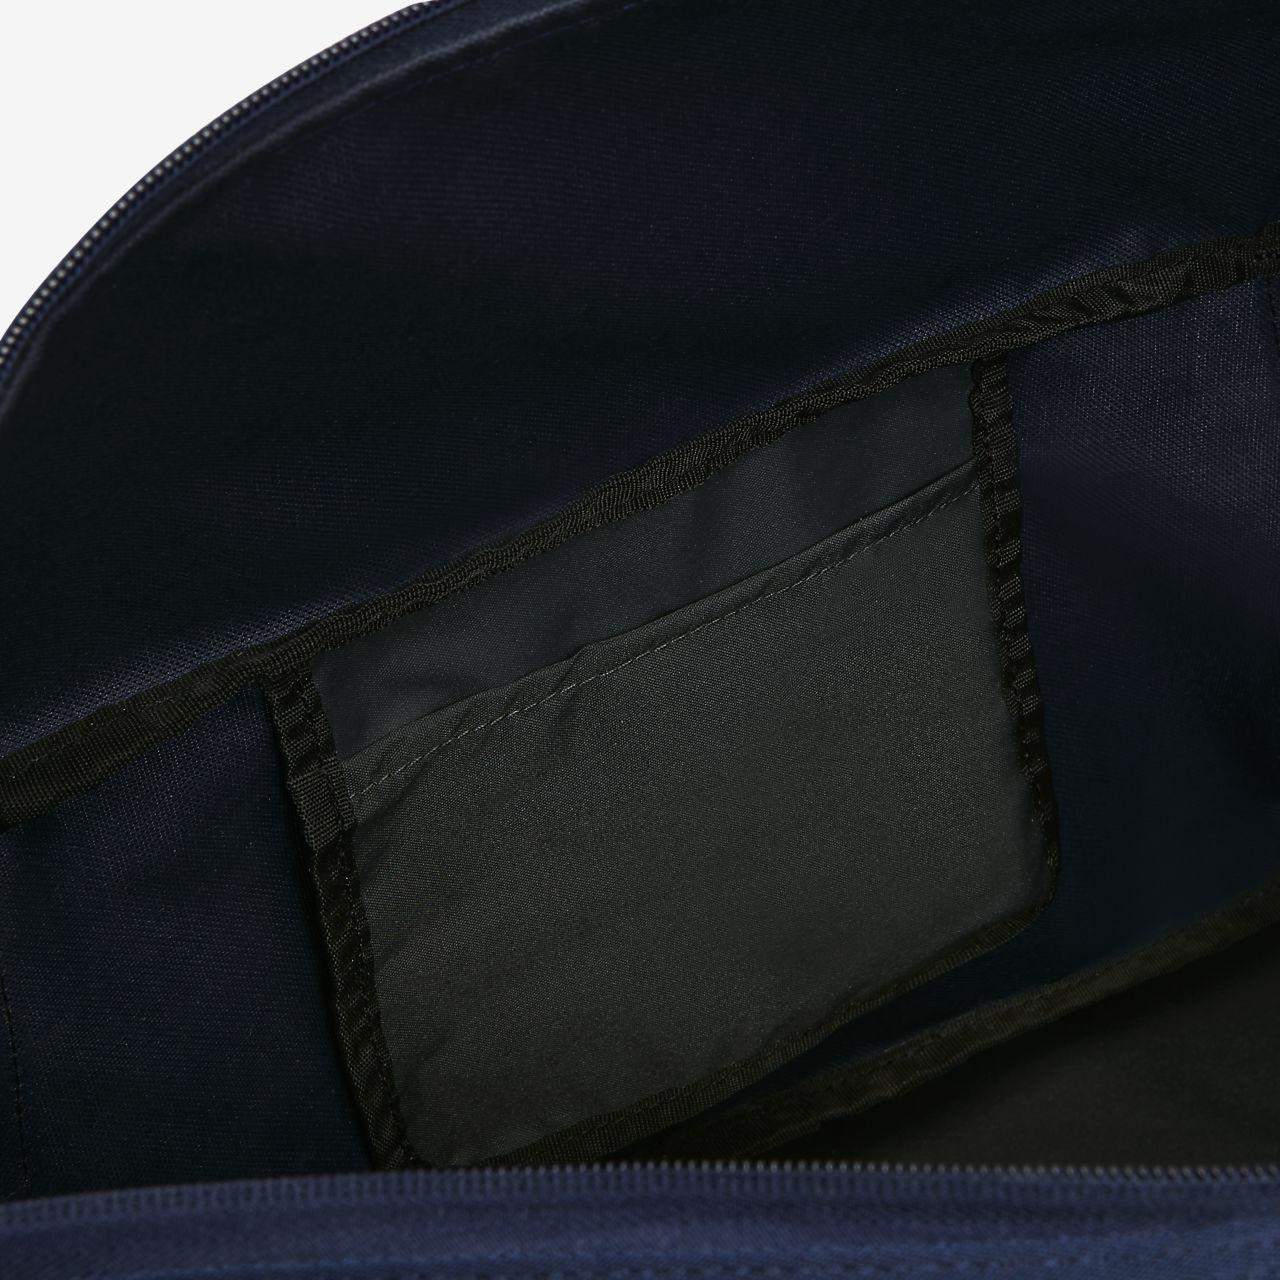 9e01844185 Nike Academy Team Football Duffel Bag (Medium). Nike.com AU